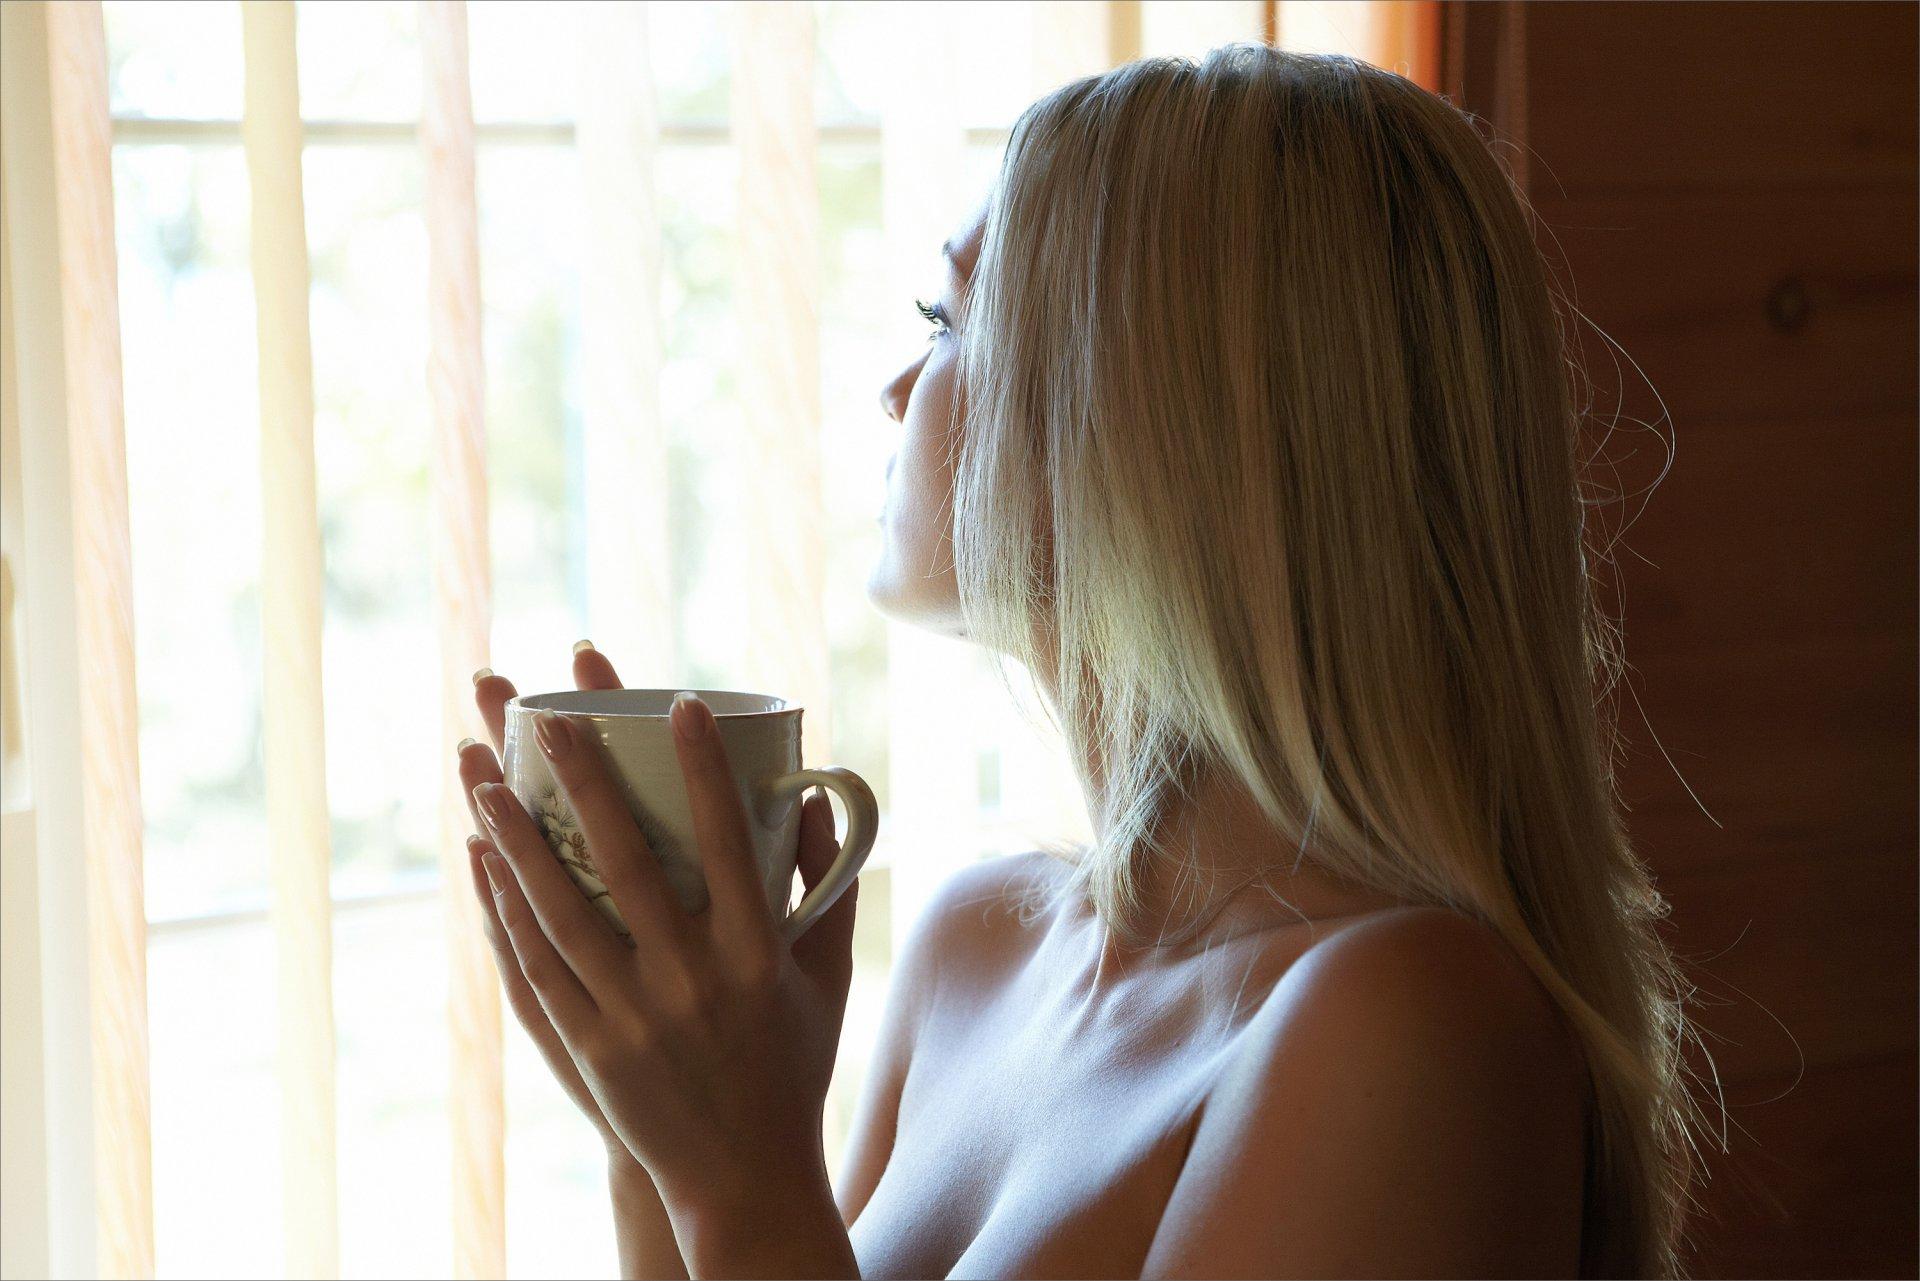 Картинки девушки блондинки без лица, класс открытки ручной